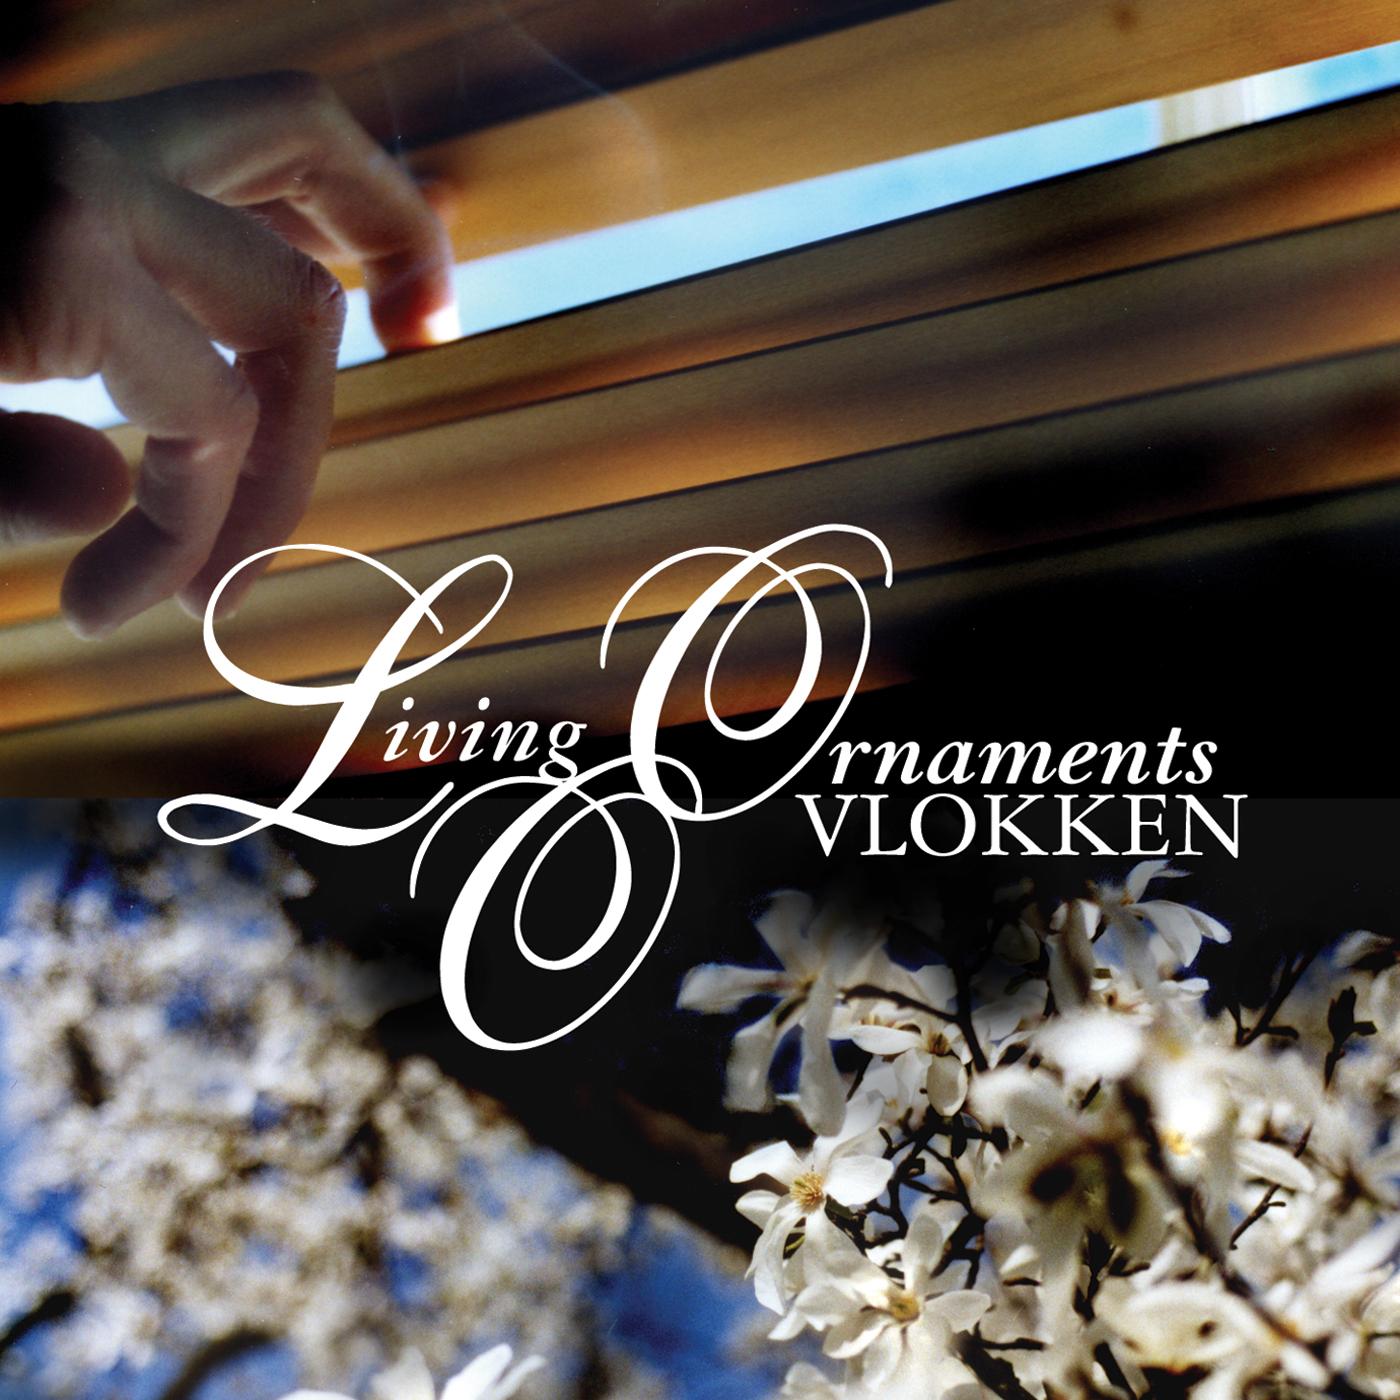 NM017: living ornaments - vlokken